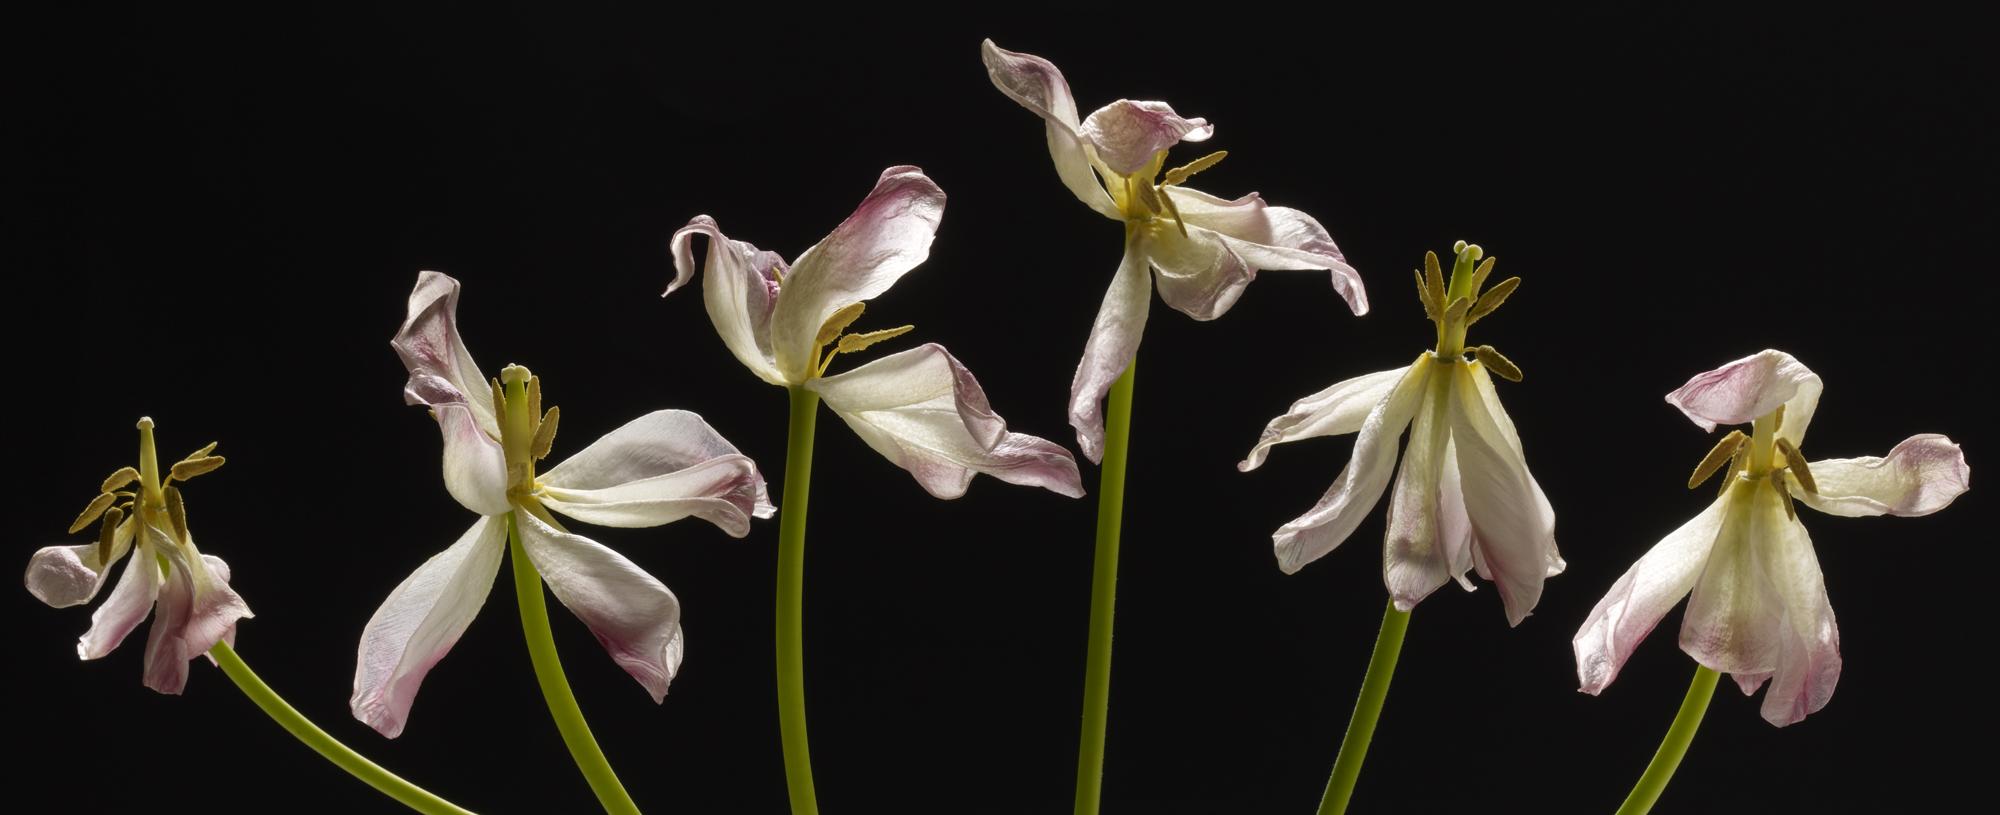 Six fading tulips